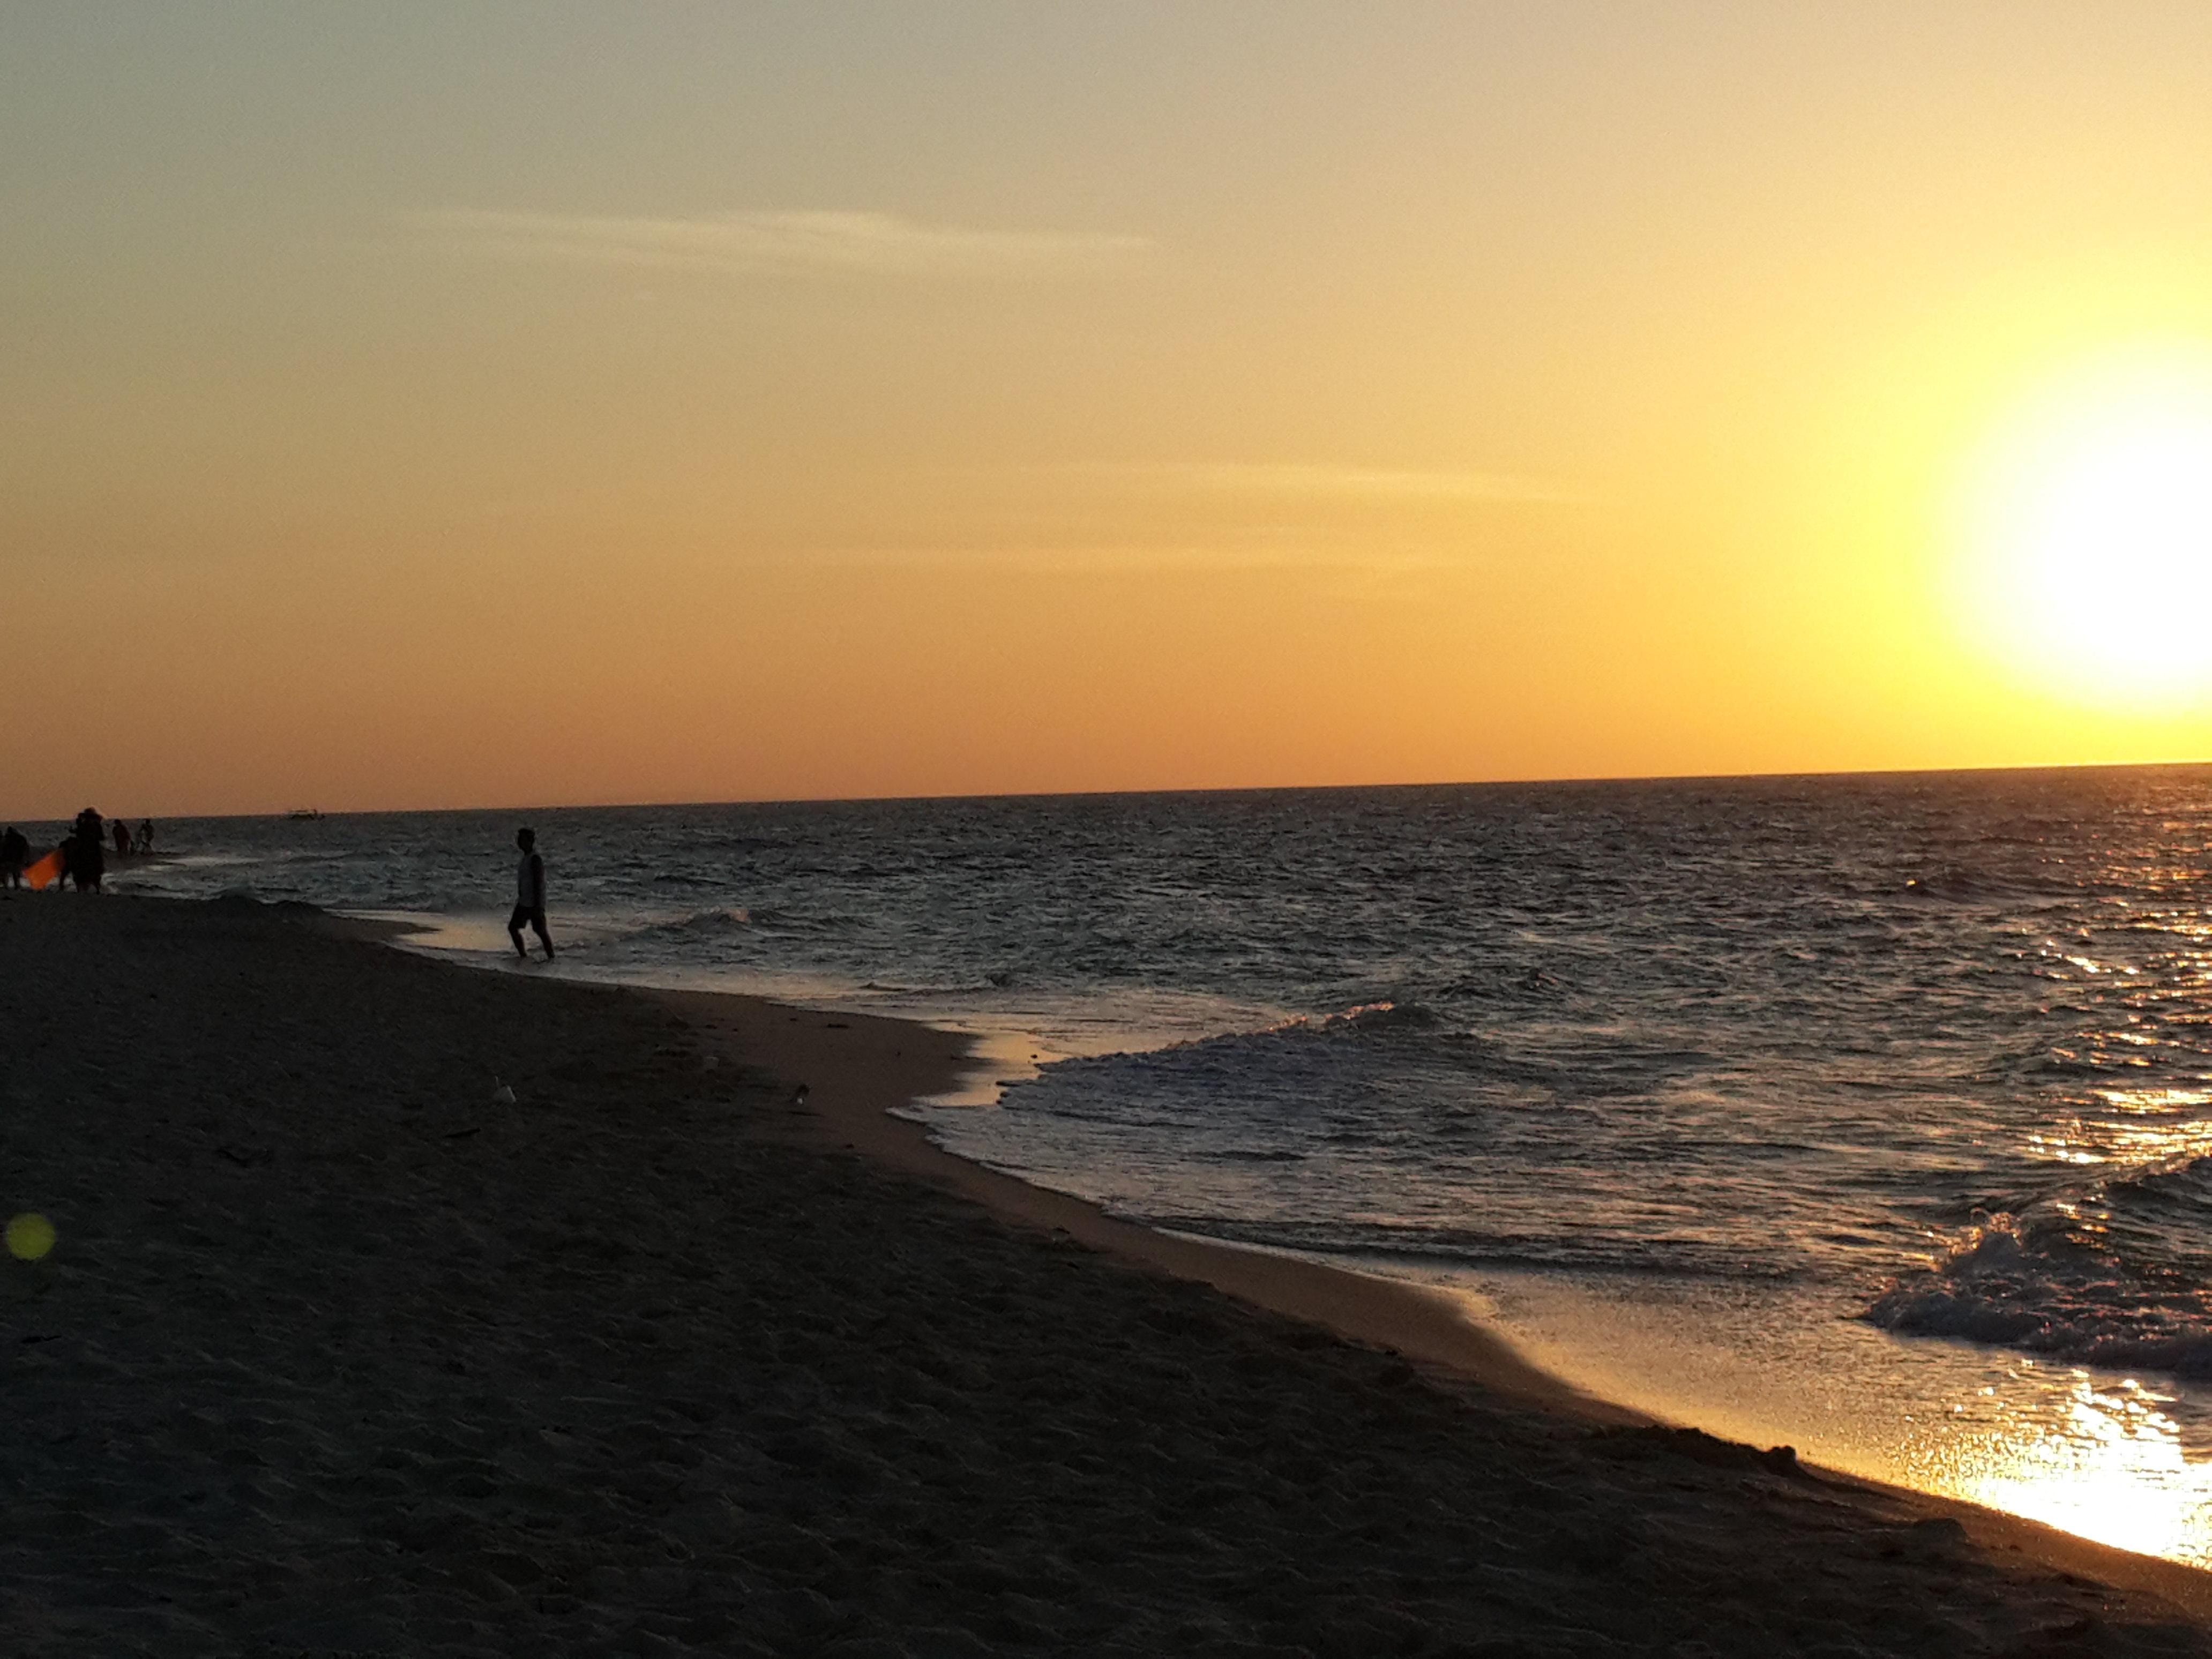 慕名而去。一是因为名气较大(梁静茹的婚礼举办地,也是她的婚纱外景地),二是想去看看能否发现普卡贝壳,(如果可以,拍摄几张贝壳照片)普卡海滩以闪亮的普卡贝壳闻名。路程是稍有点远,从S3过去坐车需要半个小时。因为普卡海滩在最北面。我们是一早过去的,到了海滩比较早,人不多,后来就慢慢多起来了。总的来说,风景还是很不错的。海面呈多种颜色,深蓝、中蓝、淡蓝。海面上行船不多,但不时也会有帆船从远处驶入。海浪比白沙滩的浪要大很多。海滩的沙子也粗得多了。水里的沙